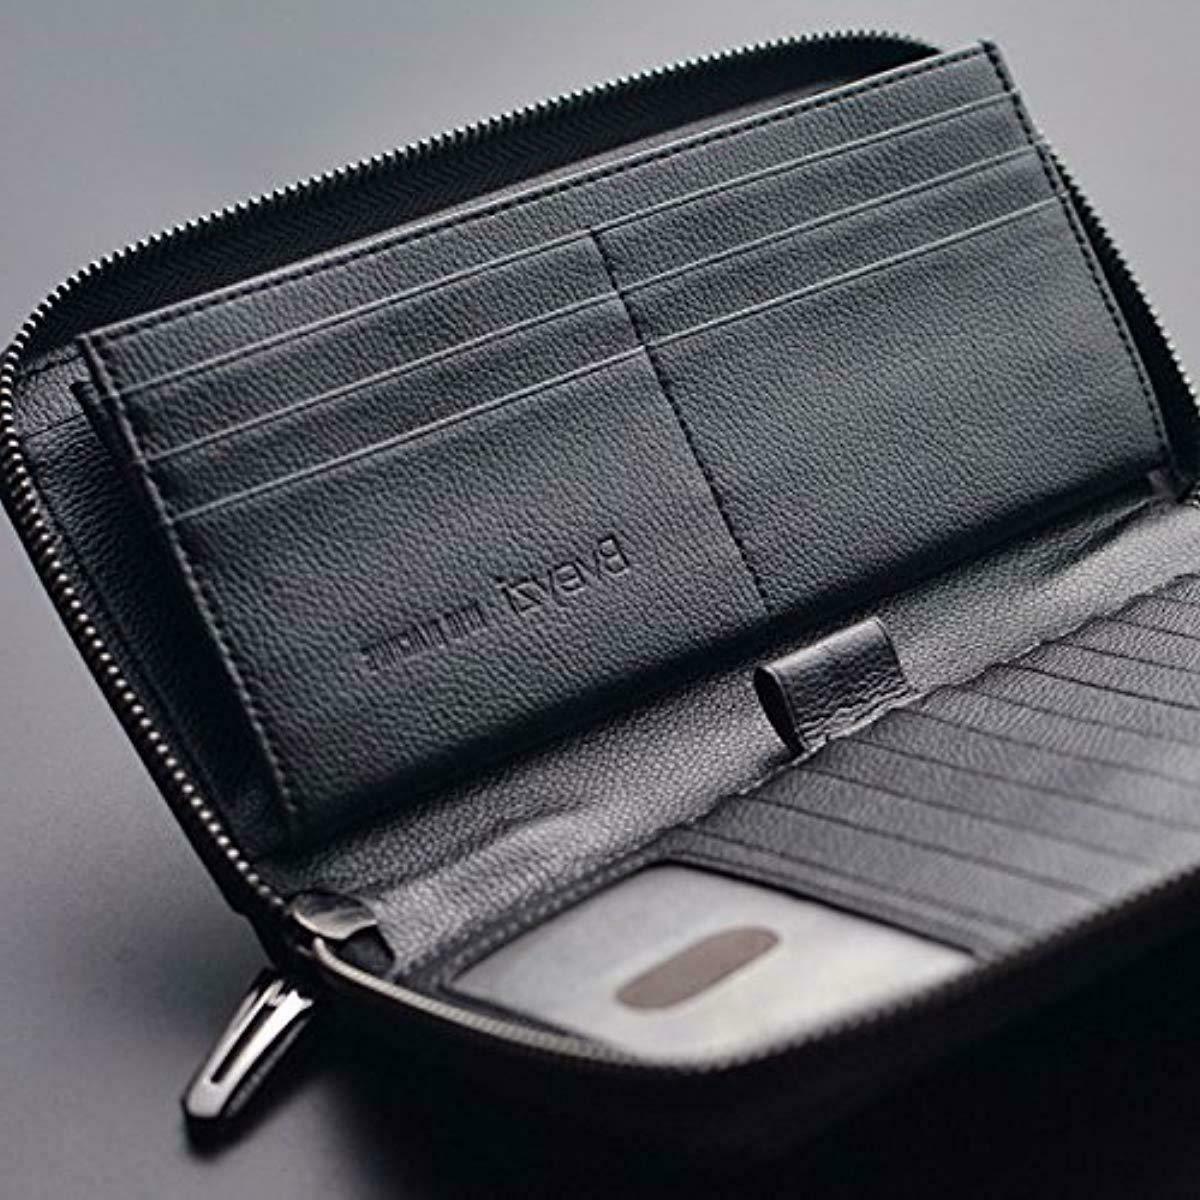 Bveyzi RFID Wallet Around Phone Purse